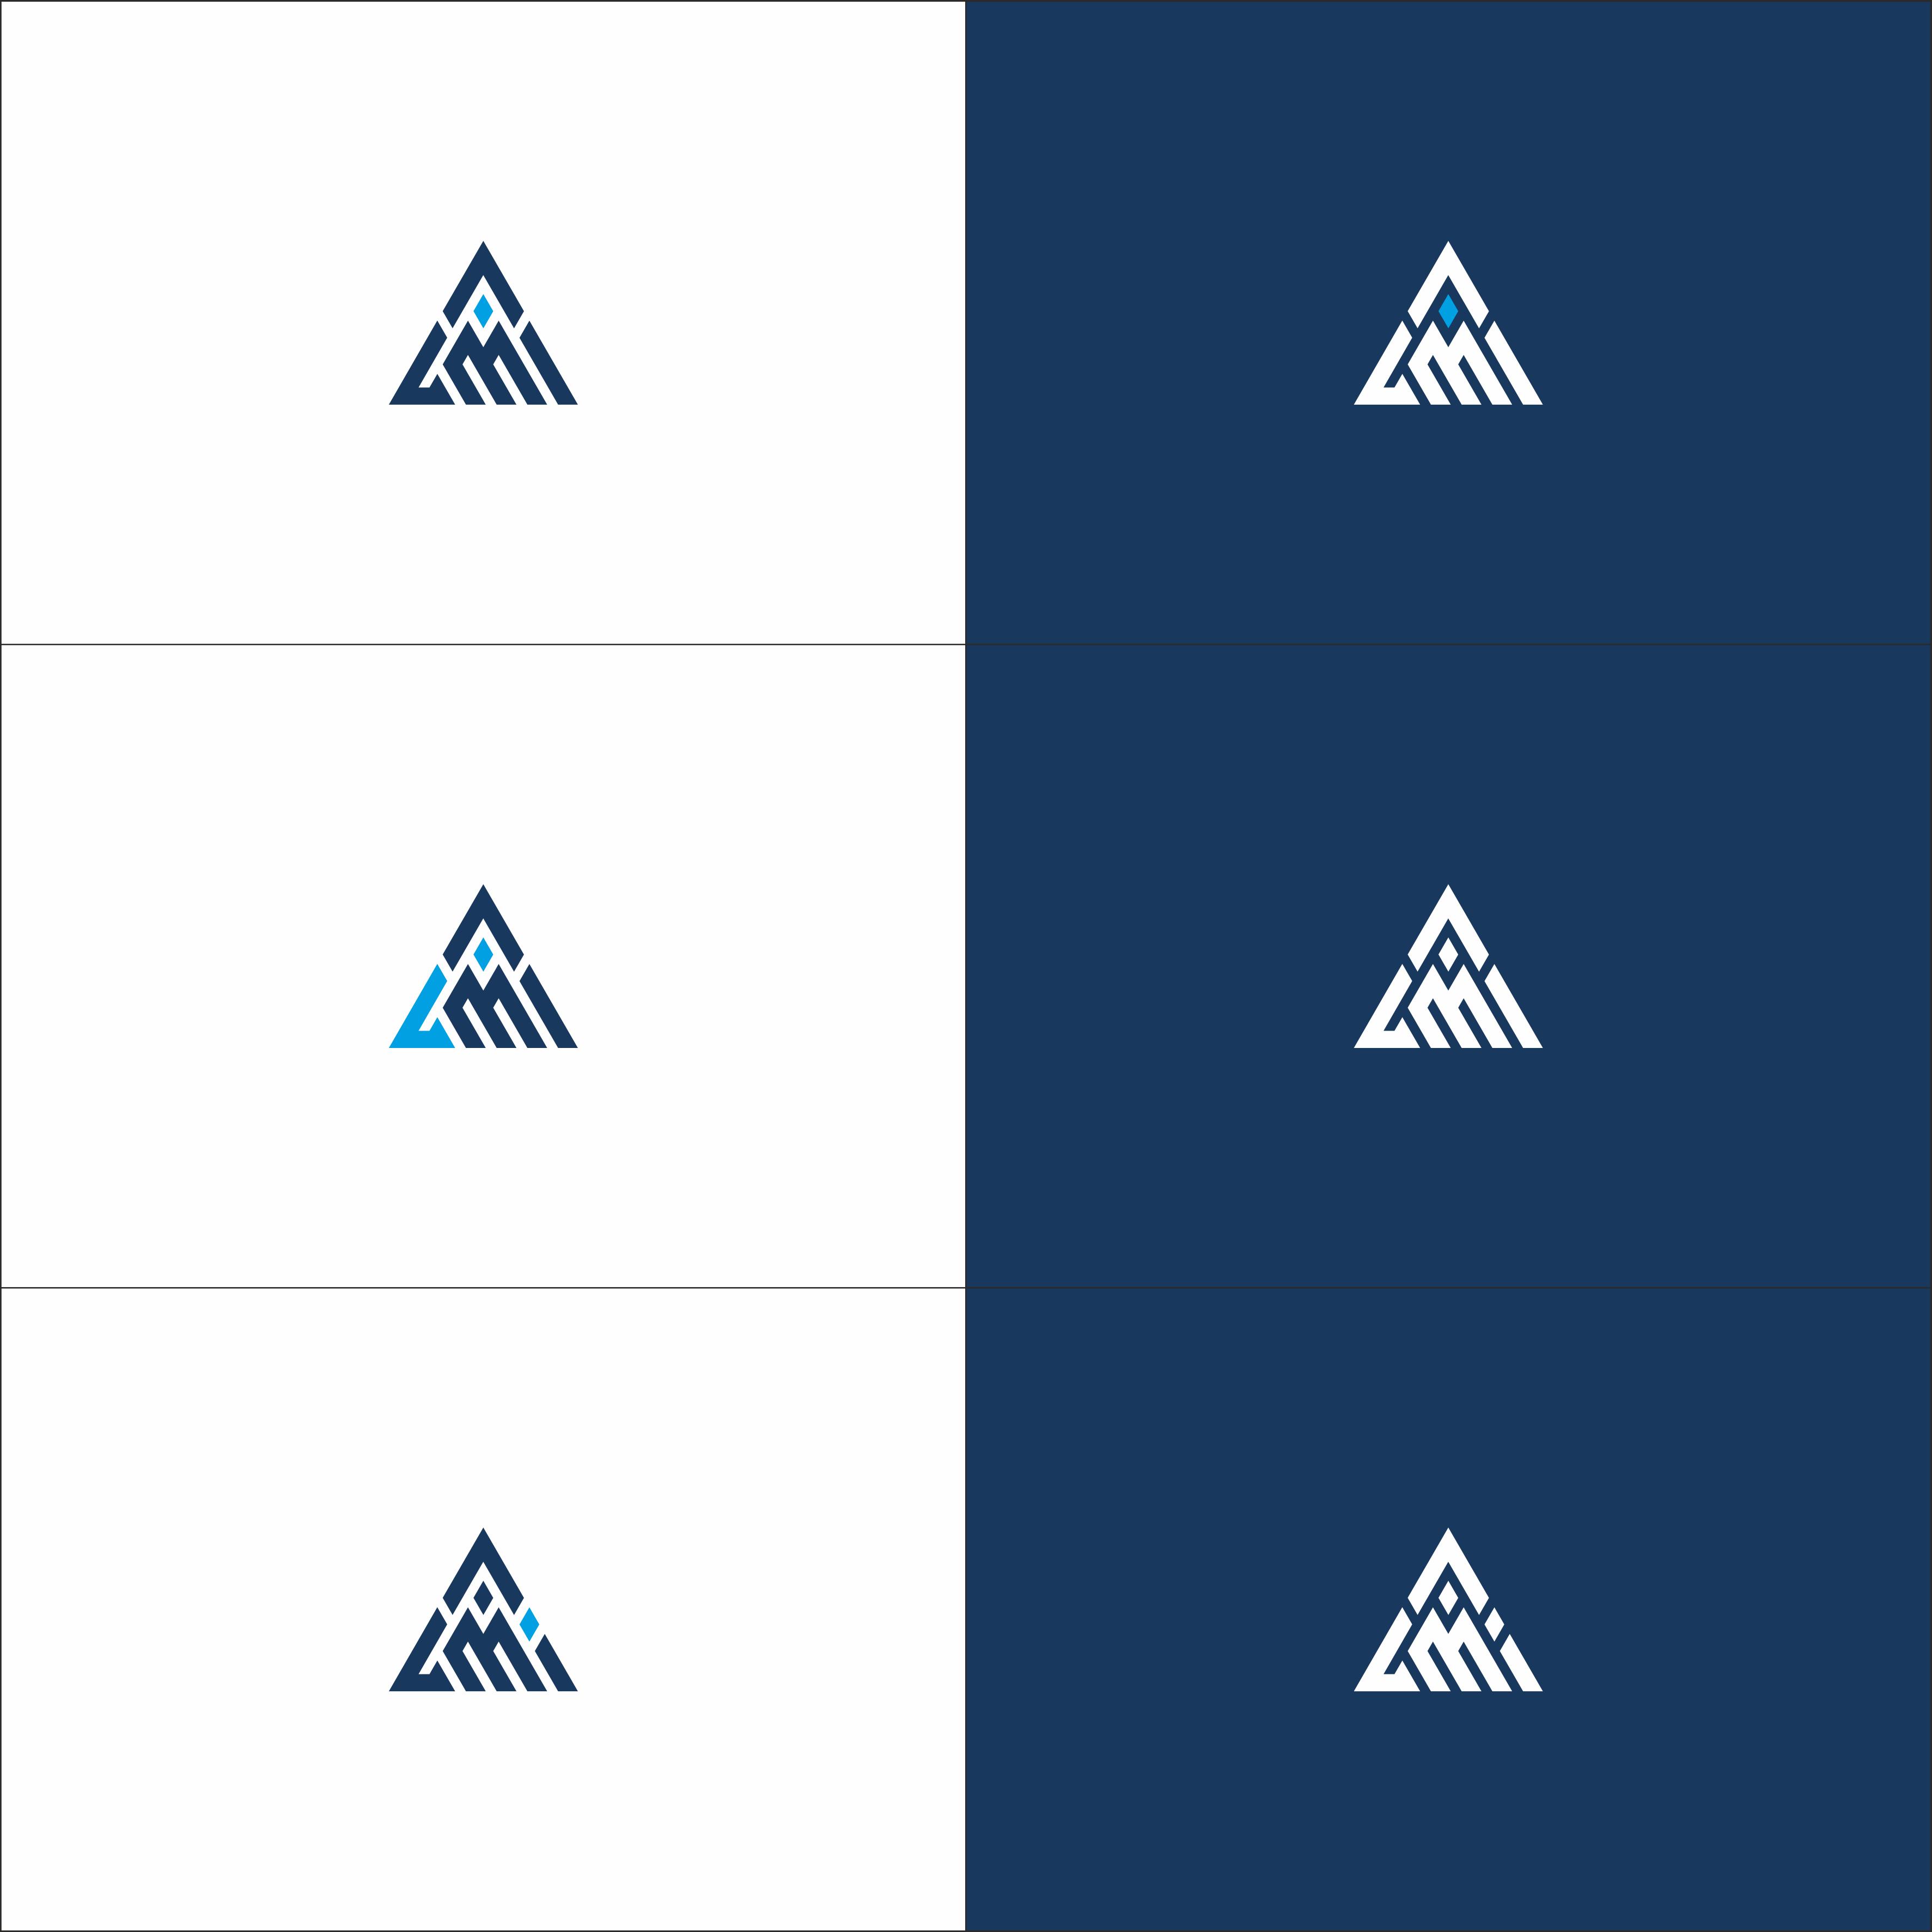 Разработка логотипа и фона фото f_590599693f7785d8.png